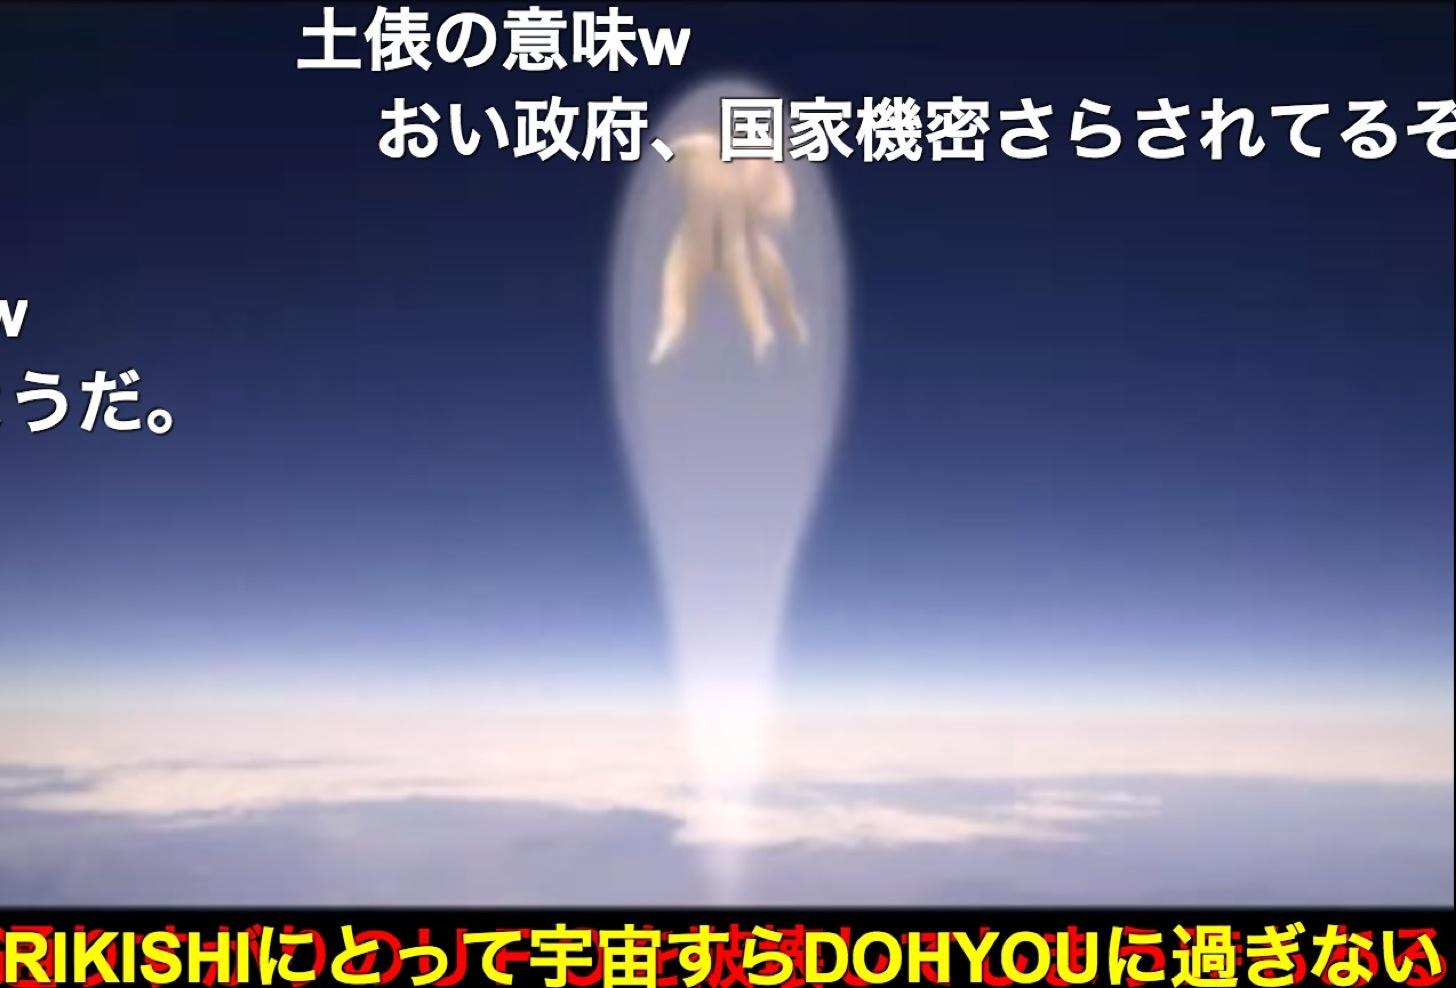 RIKISHIにとって宇宙すらDOHYOUに過ぎない